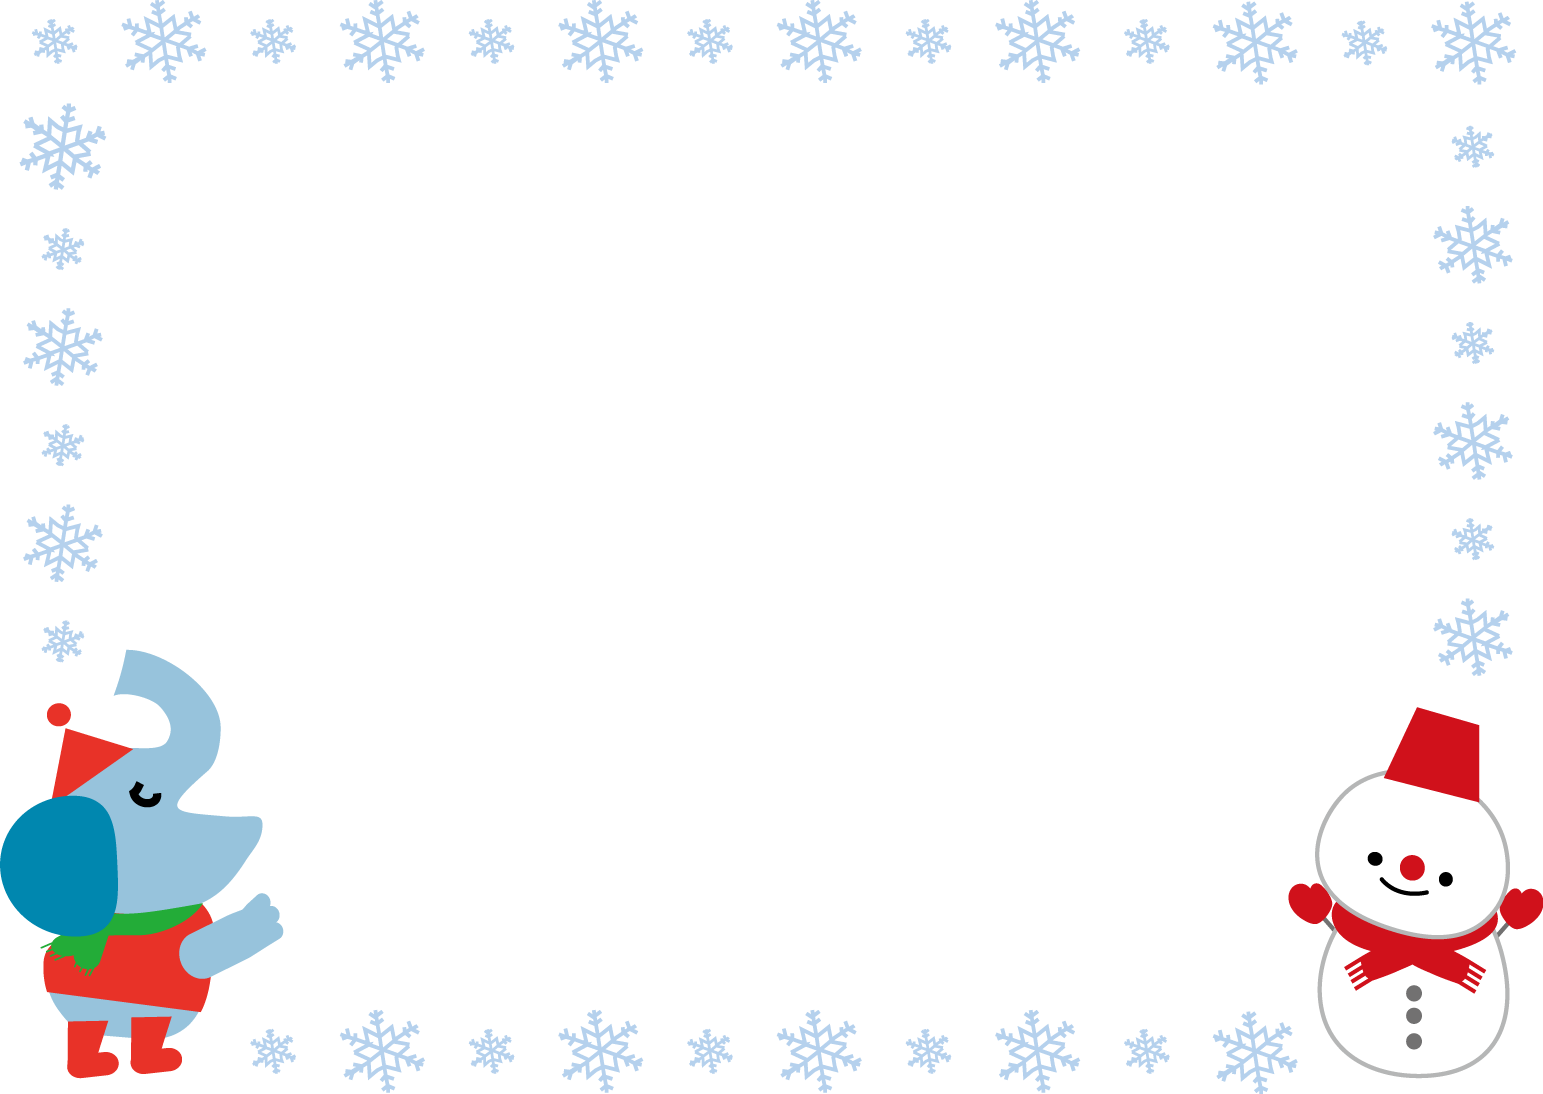 飾り枠・ライン・無料イラスト素材/冬